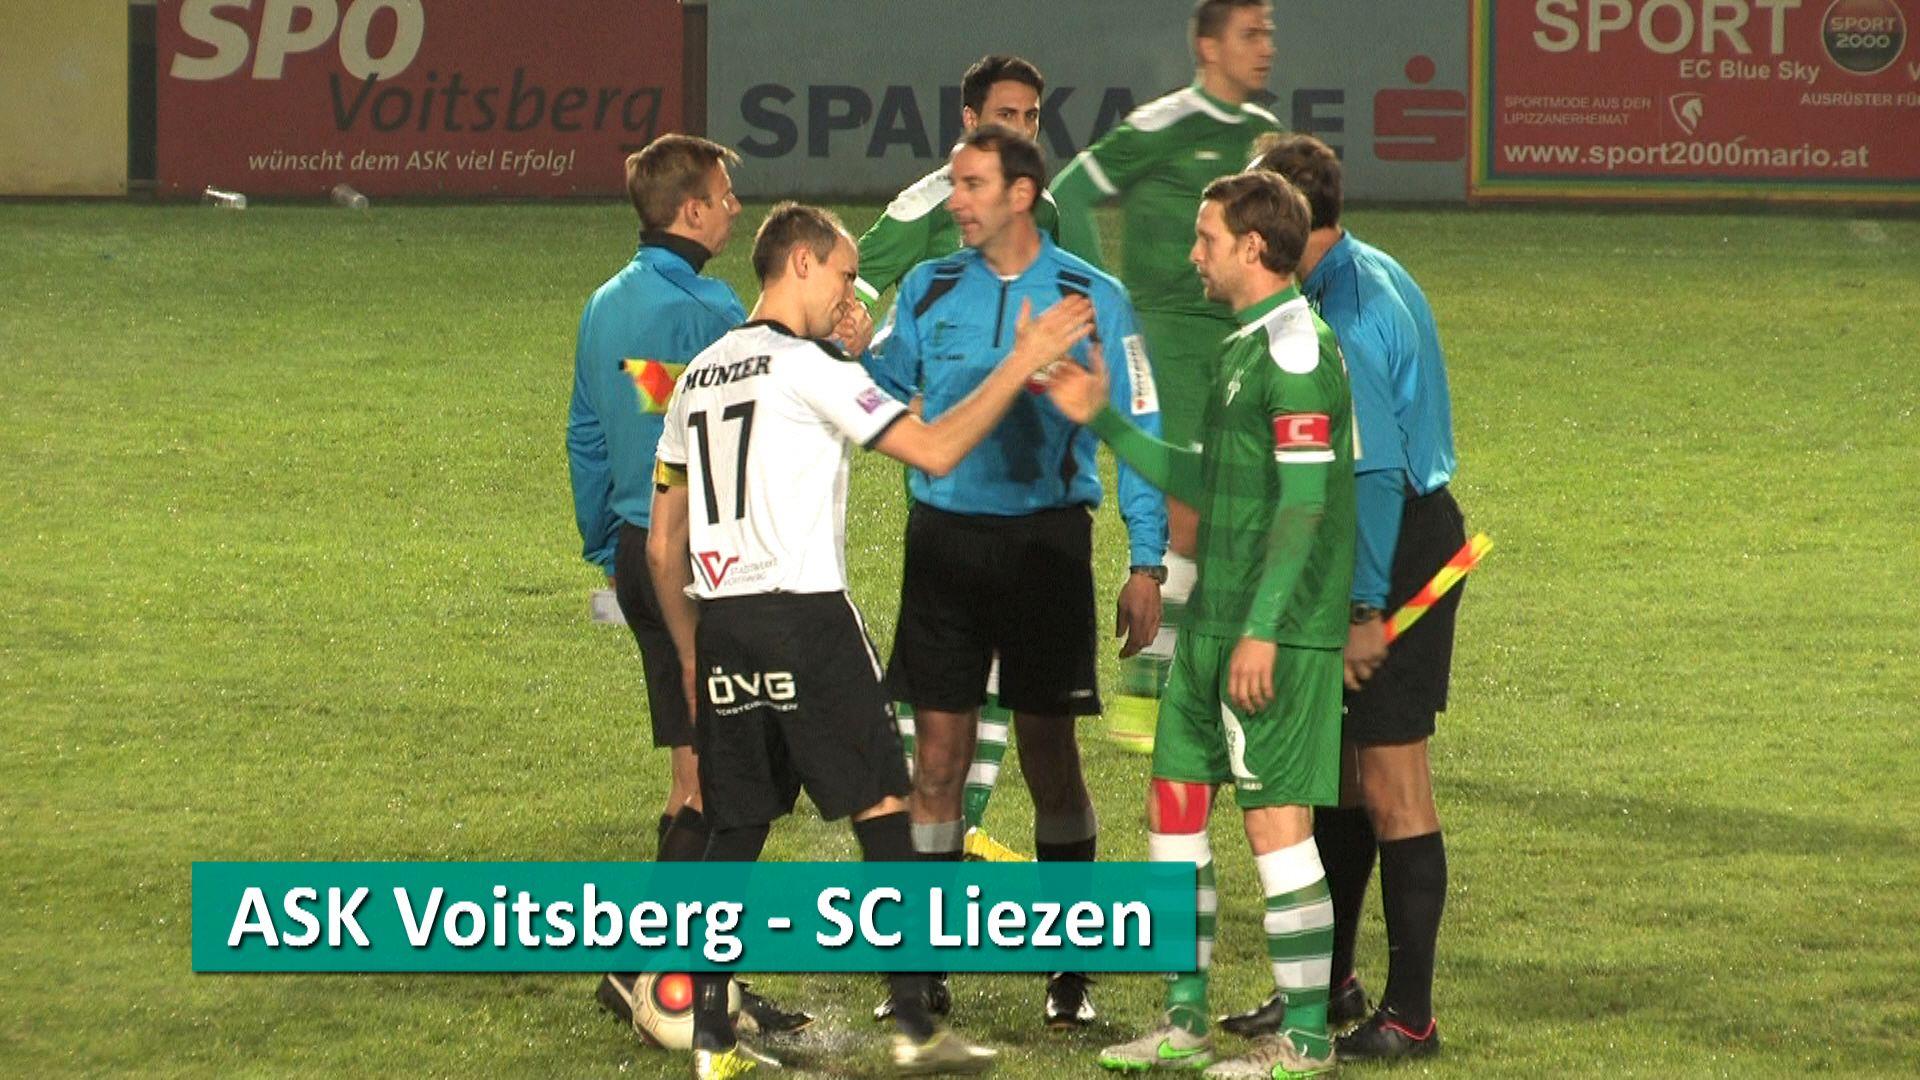 ASK Voitsberg - SC Liezen